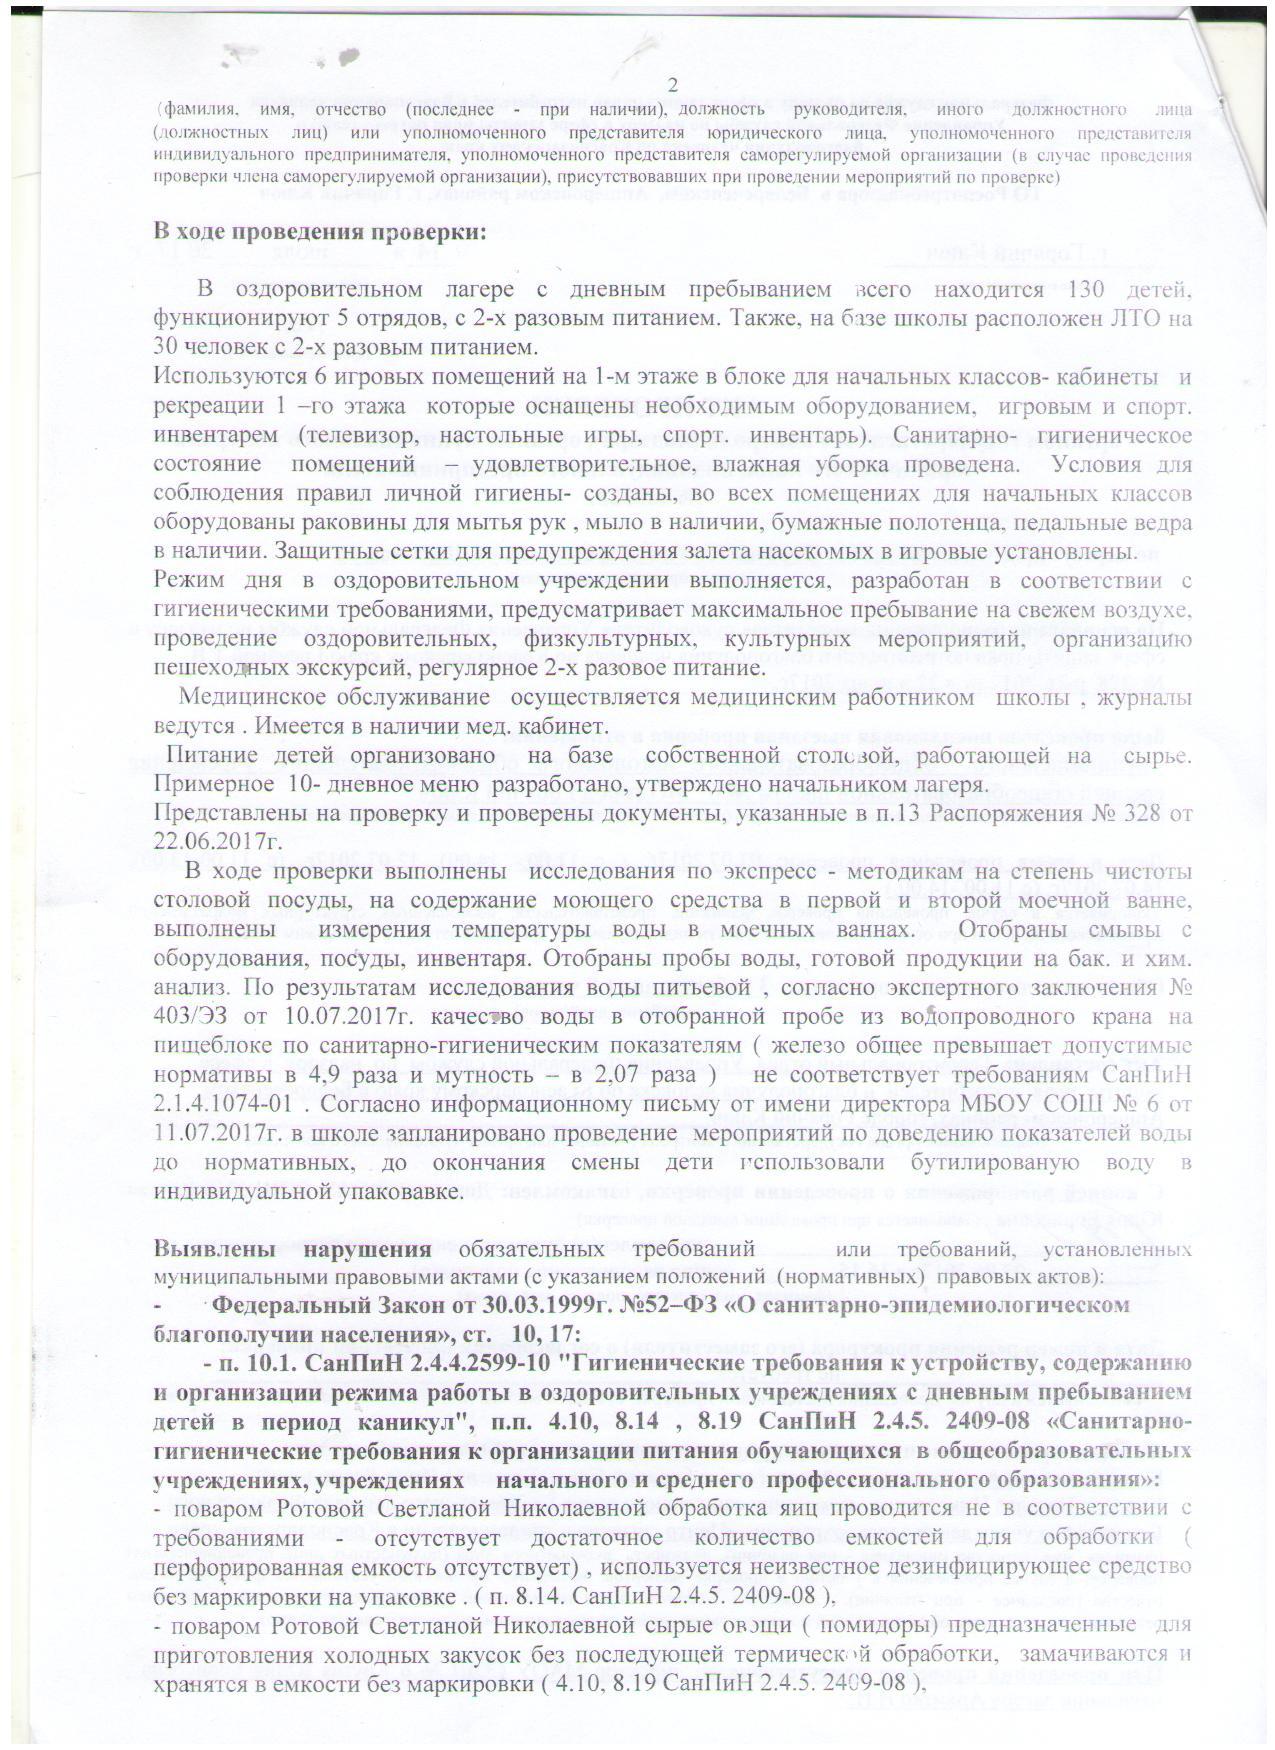 акт проверки 001